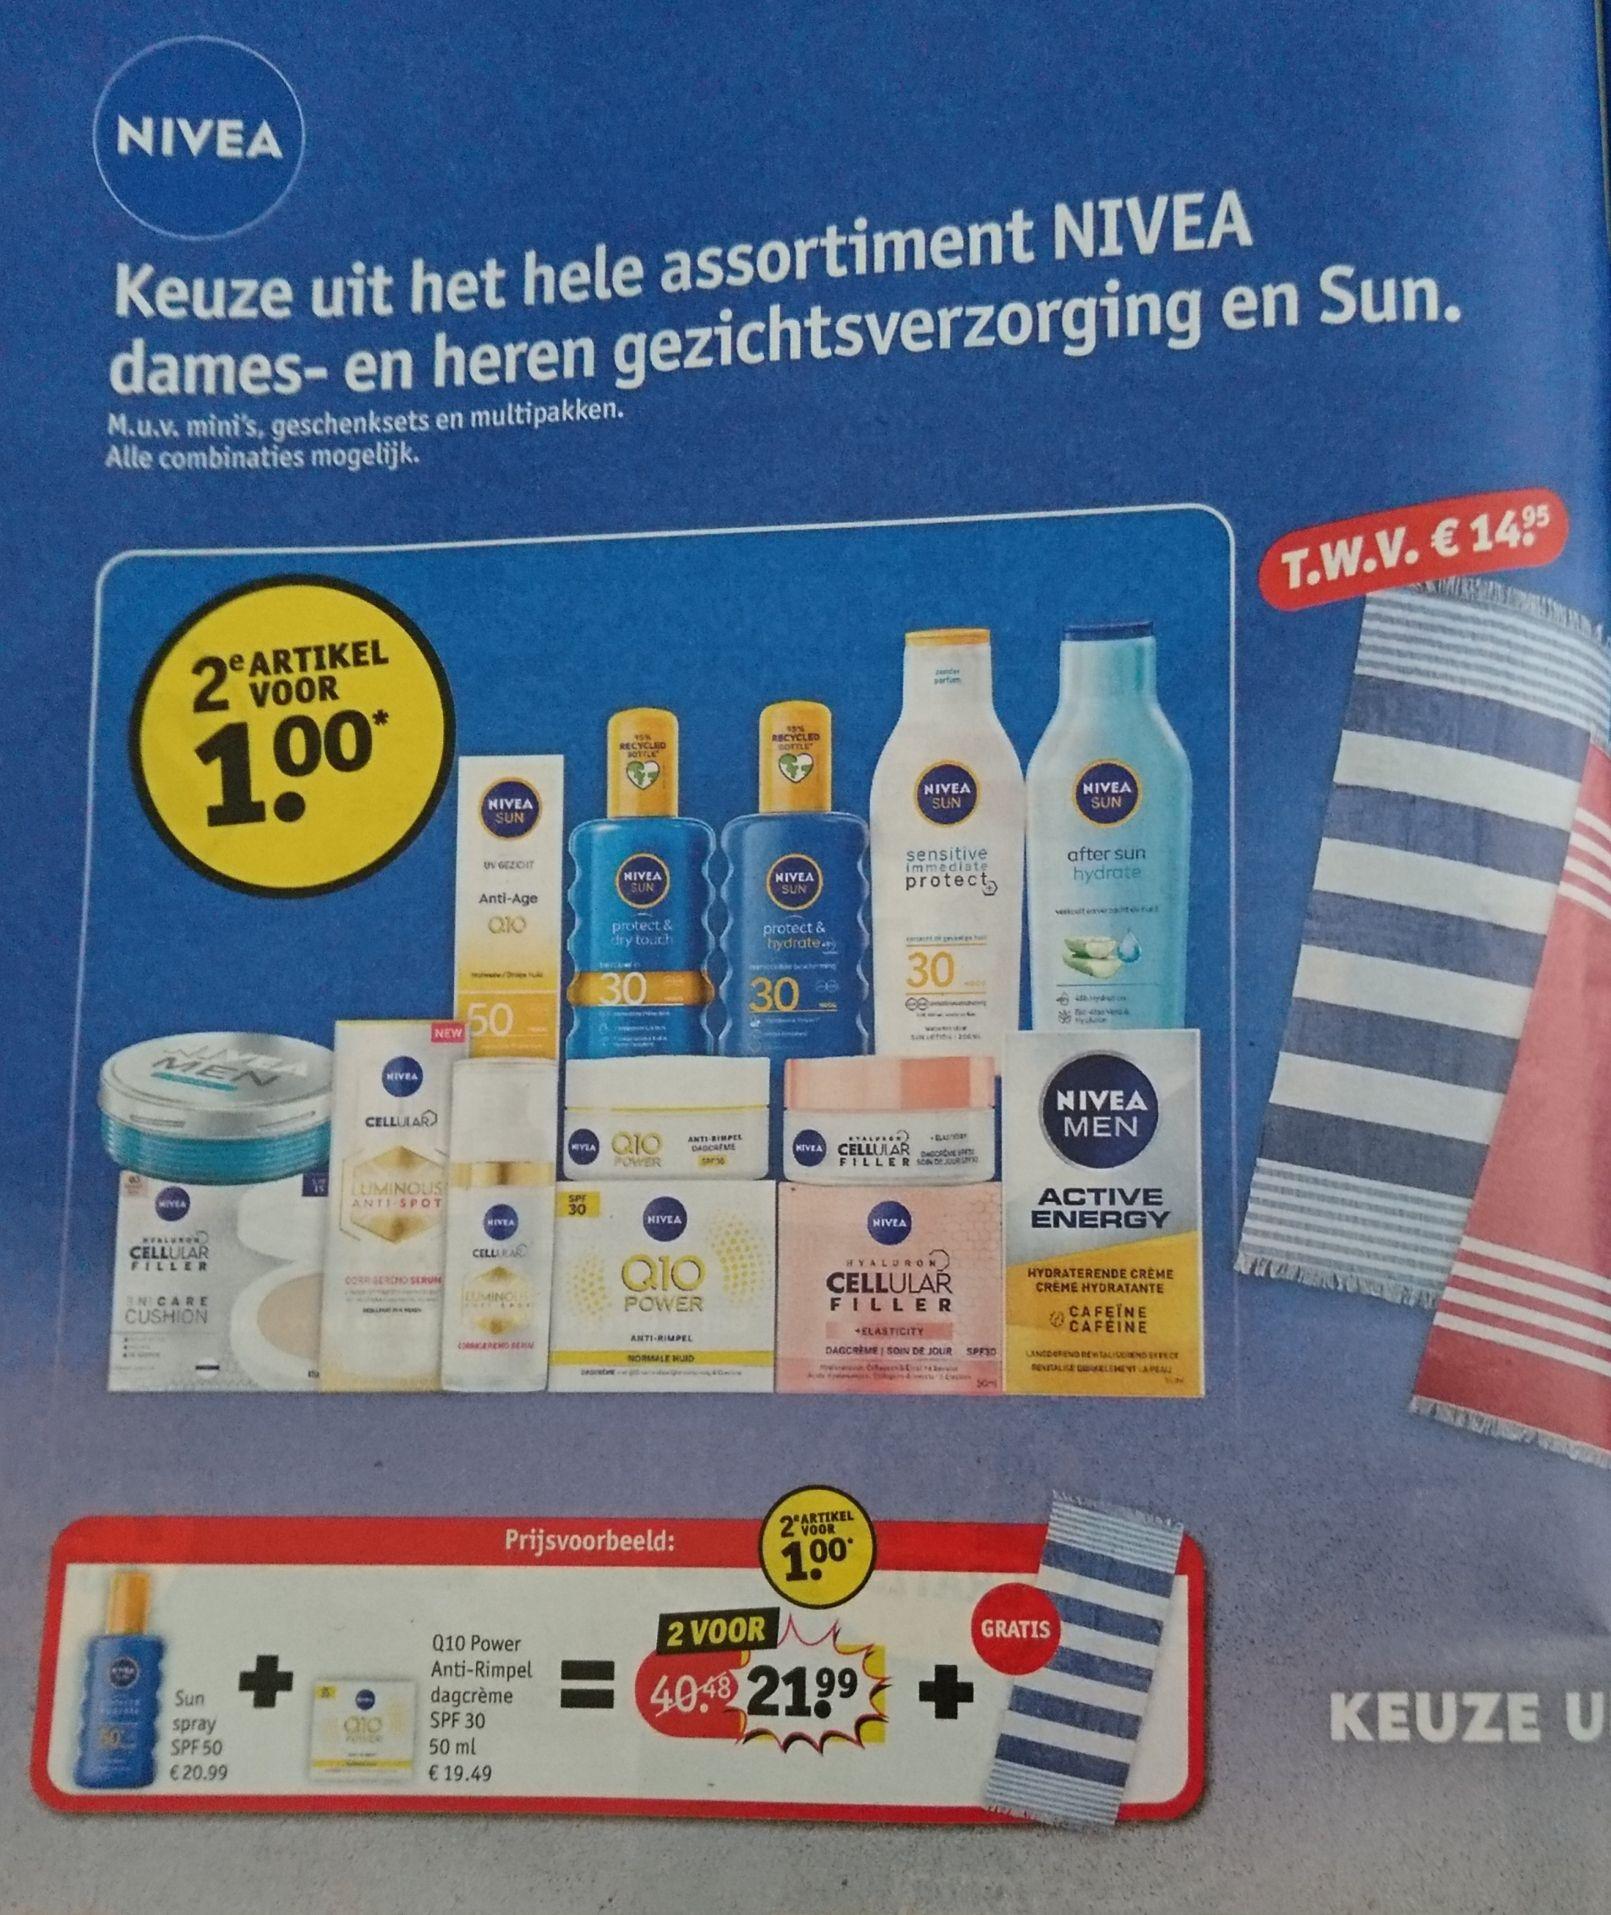 Nivea tweede artikel €1 + gratis handdoek twv €14,95 Kruidvat